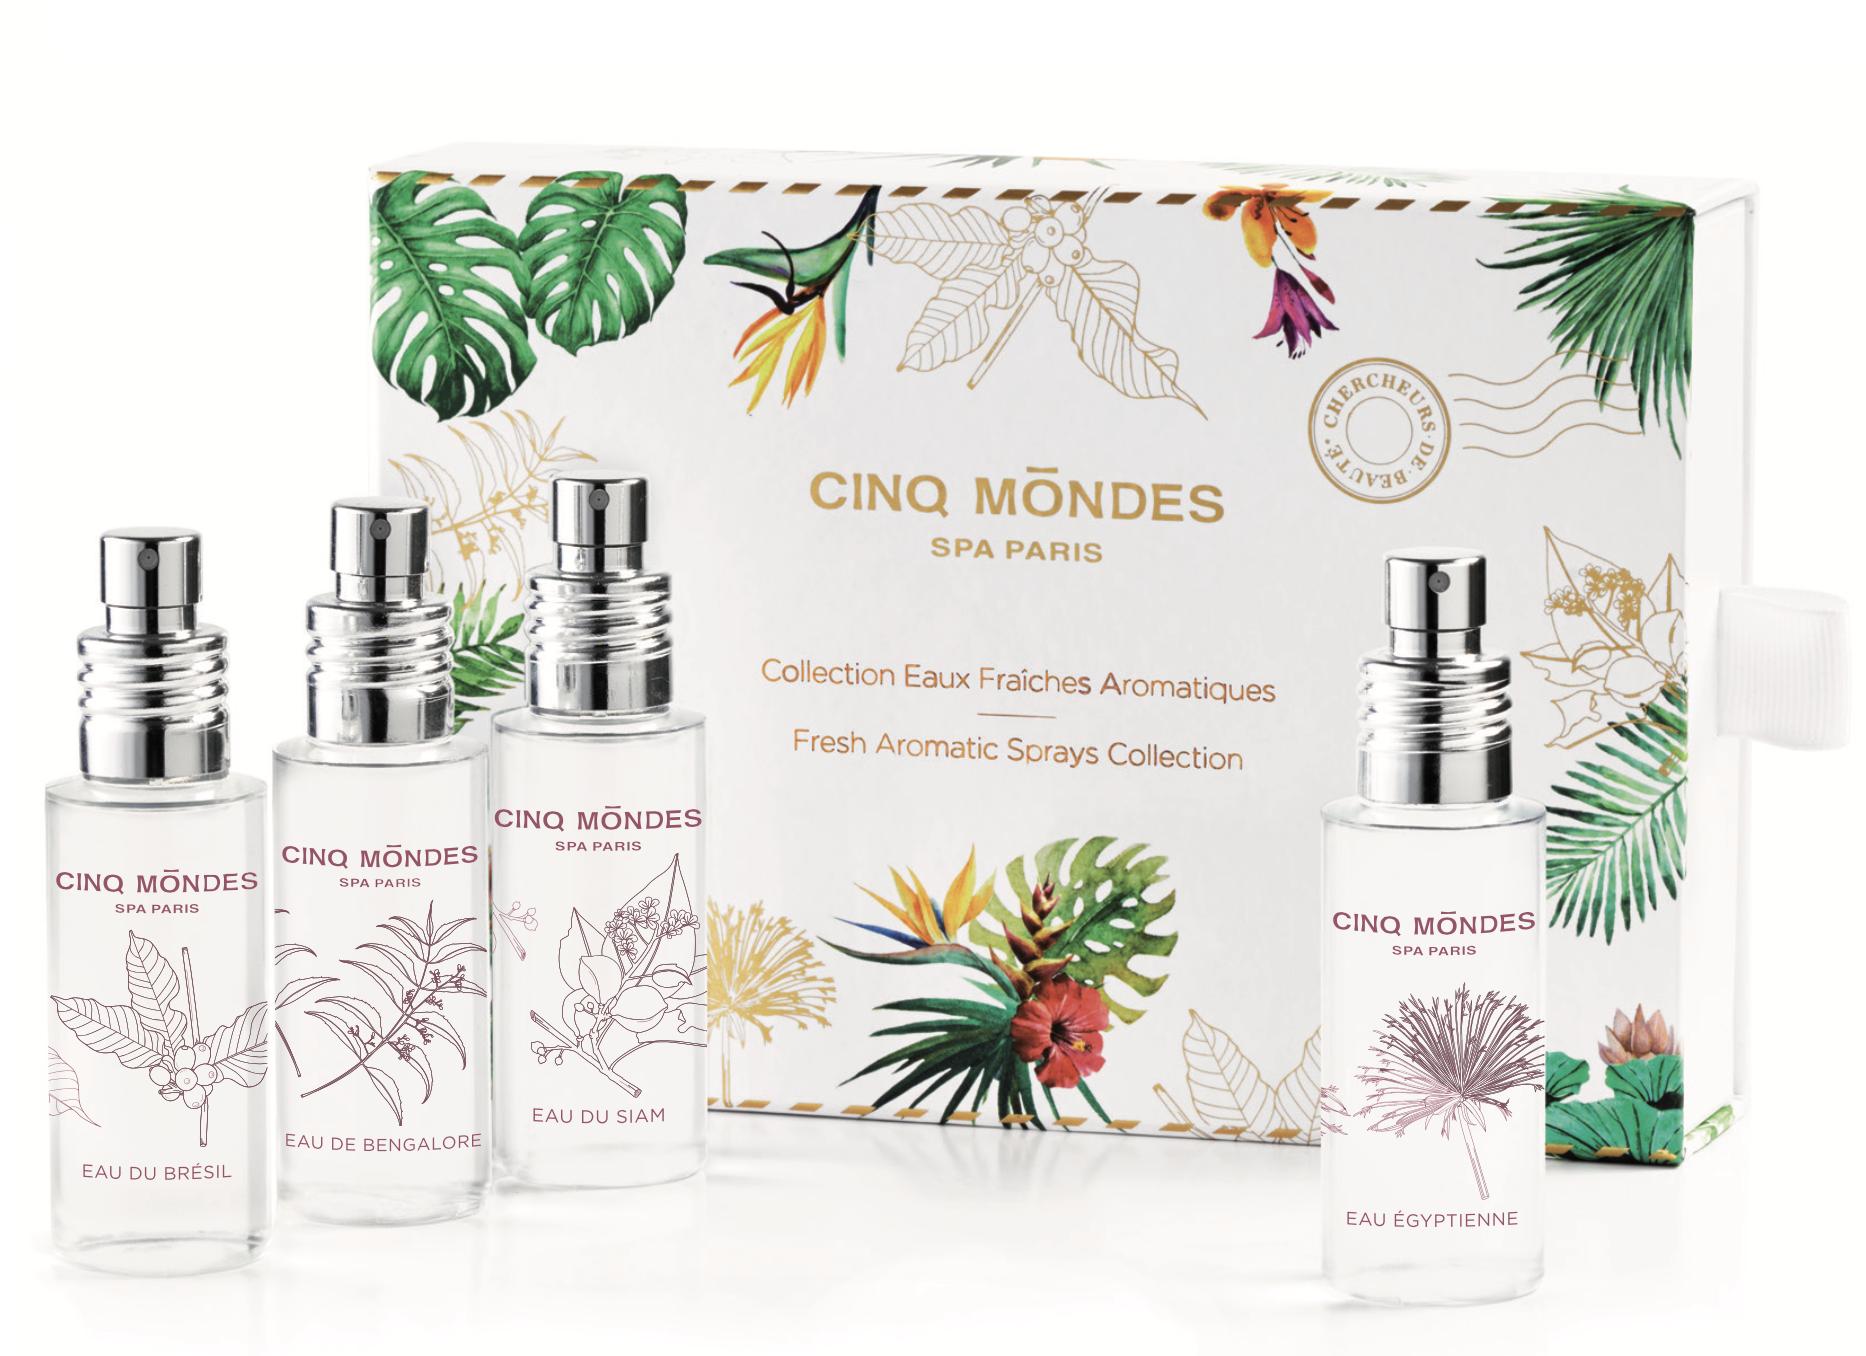 Collection eaux fraîches aromatiques – Spa des Cinq Mondes – 49 euros.